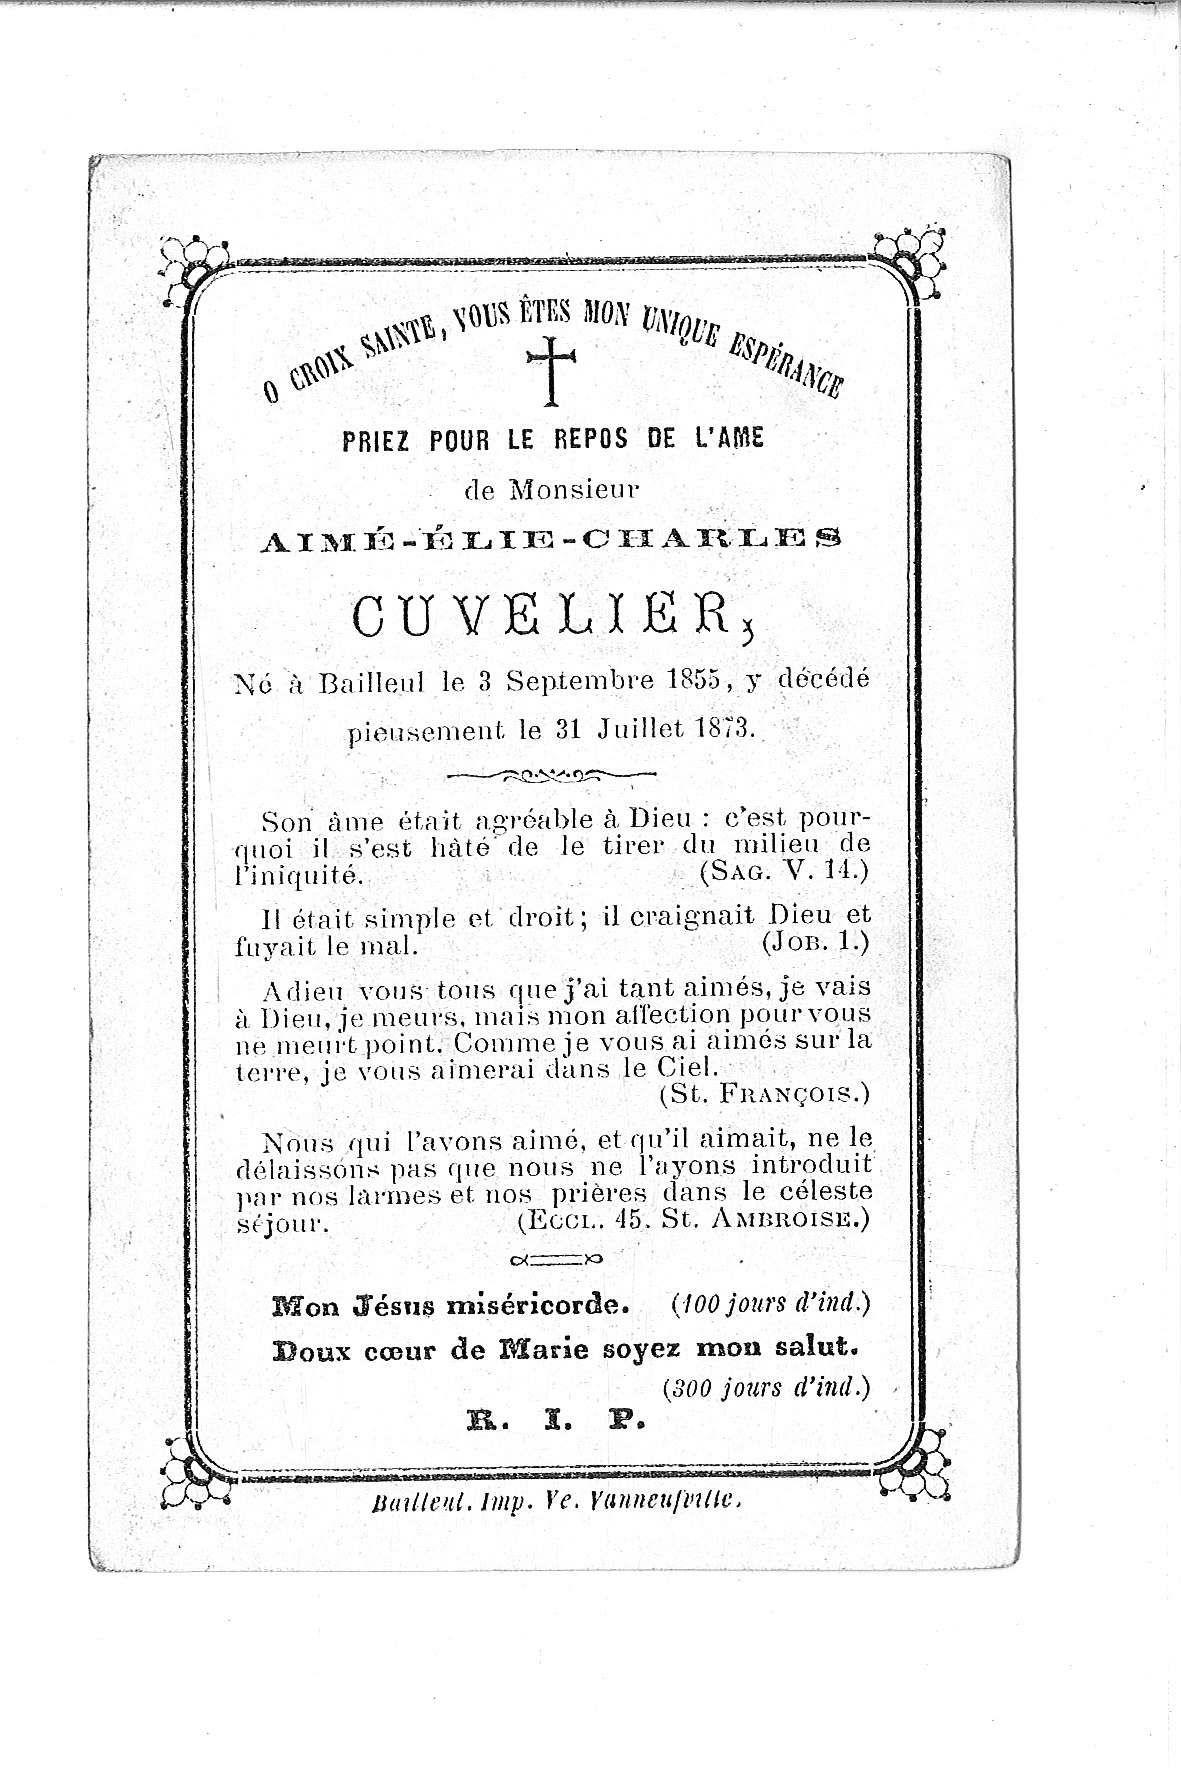 aimé-élie-charles(1873)20120329074916_00011.jpg